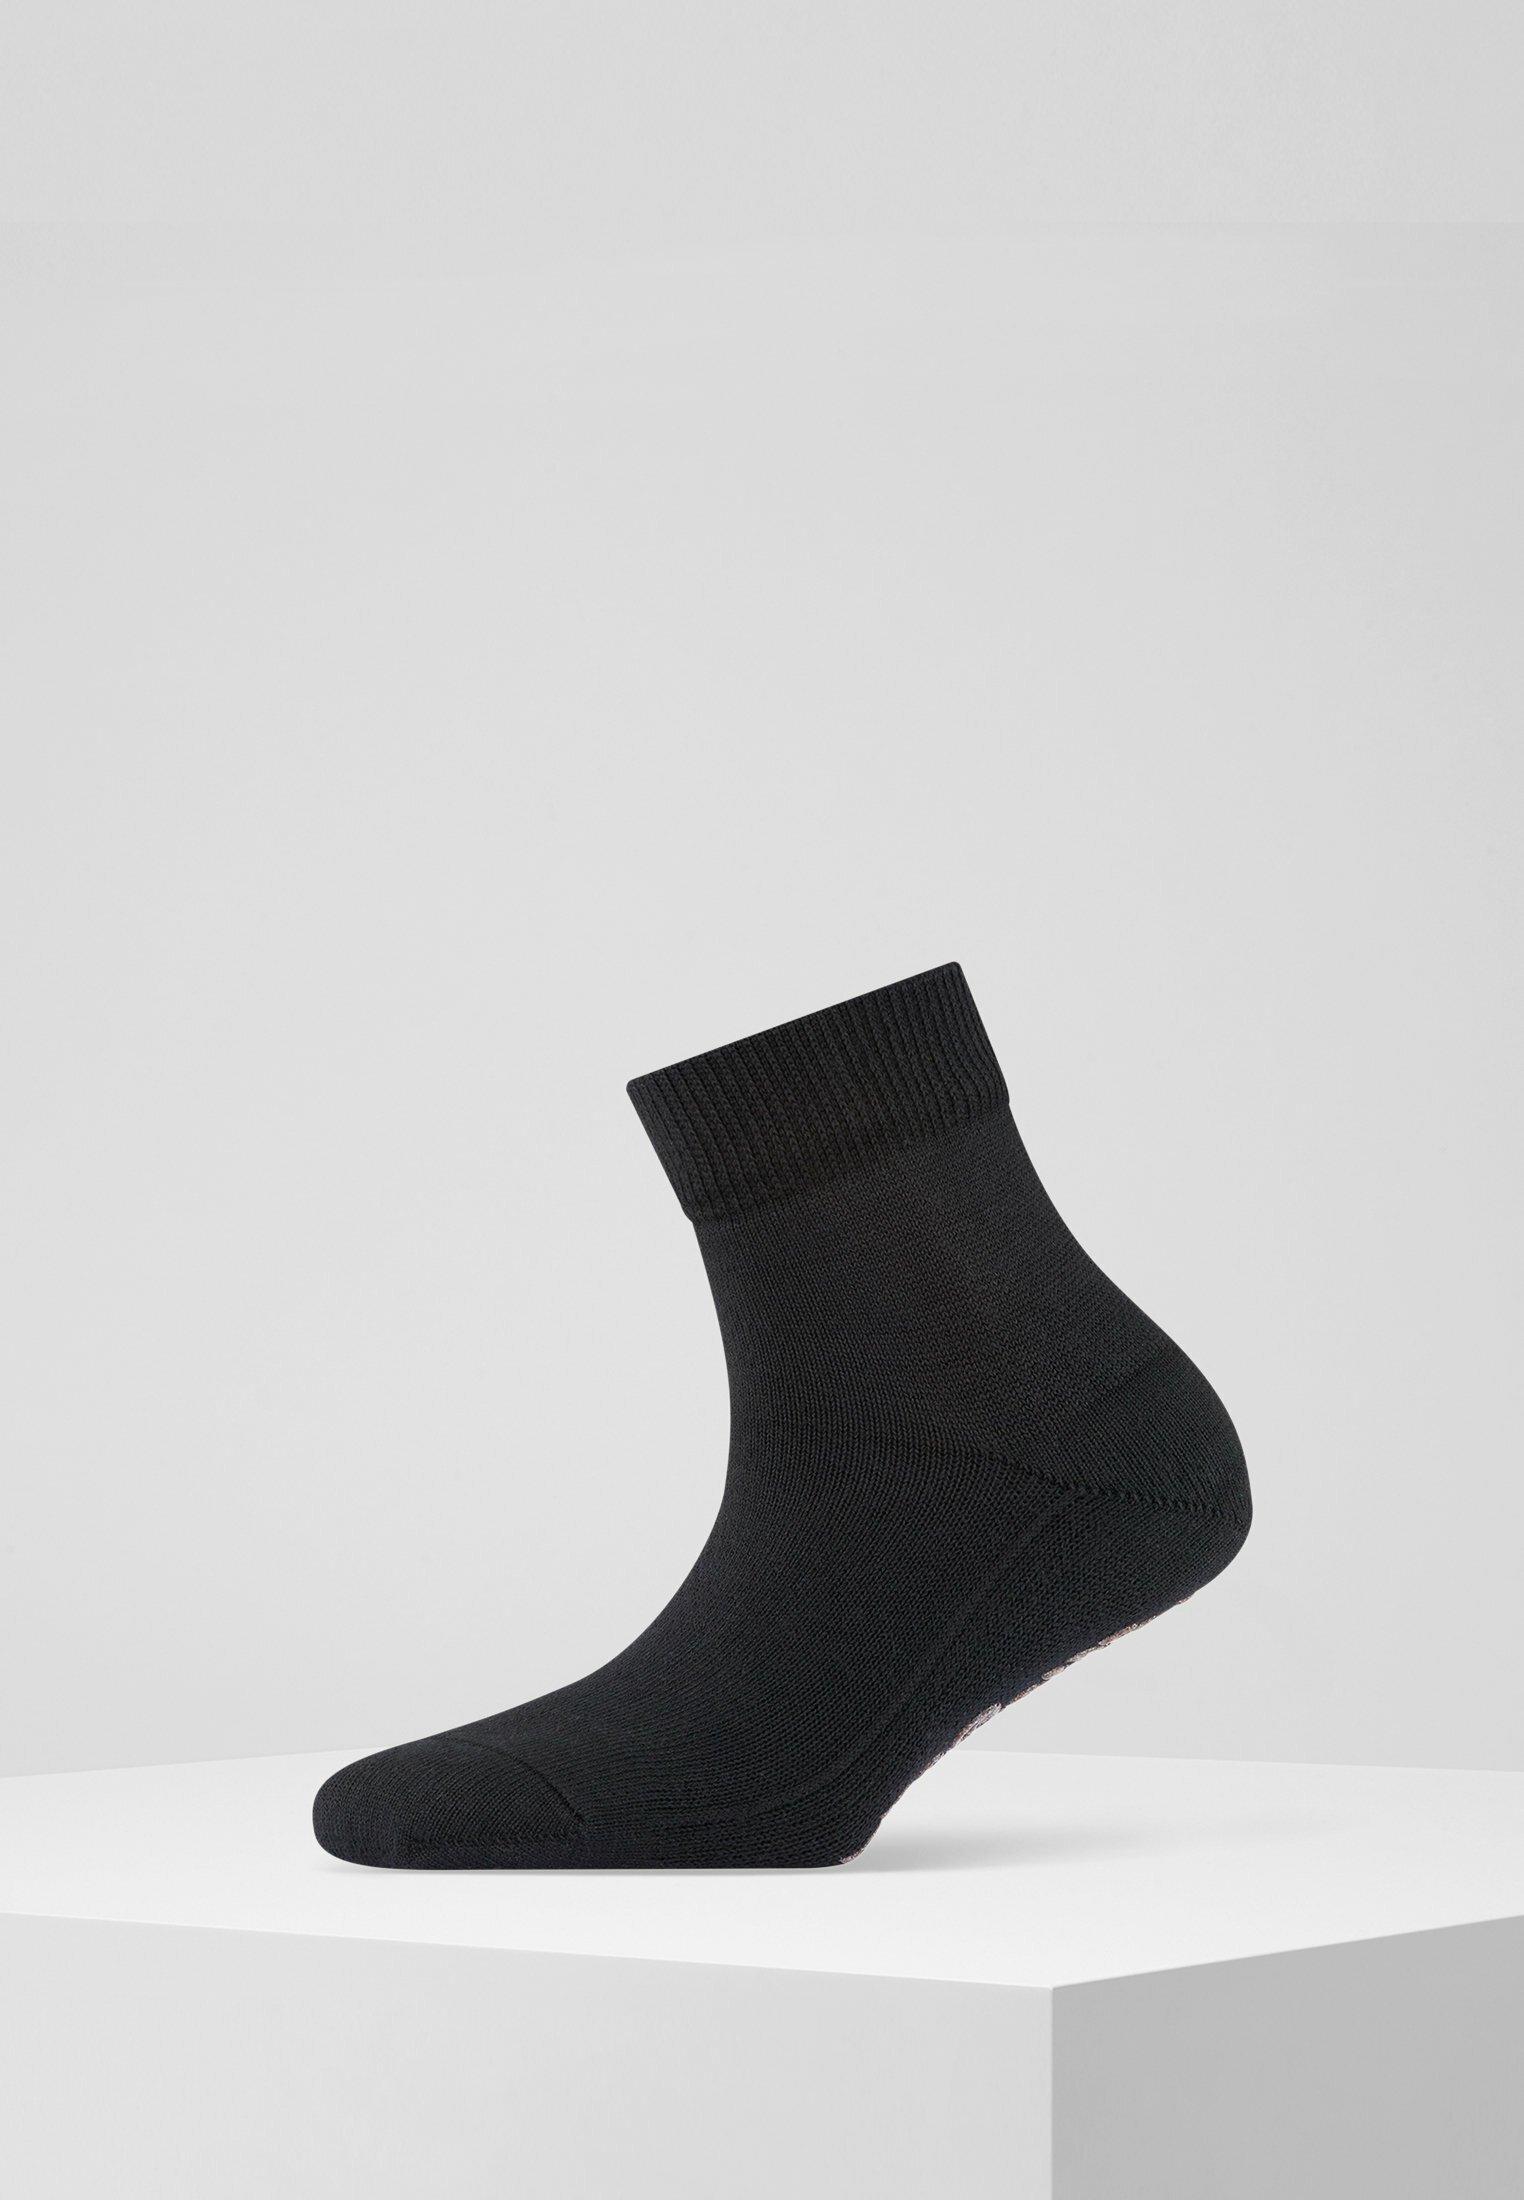 Femme LIGHT CUDDLE PADS  - Chaussettes - black